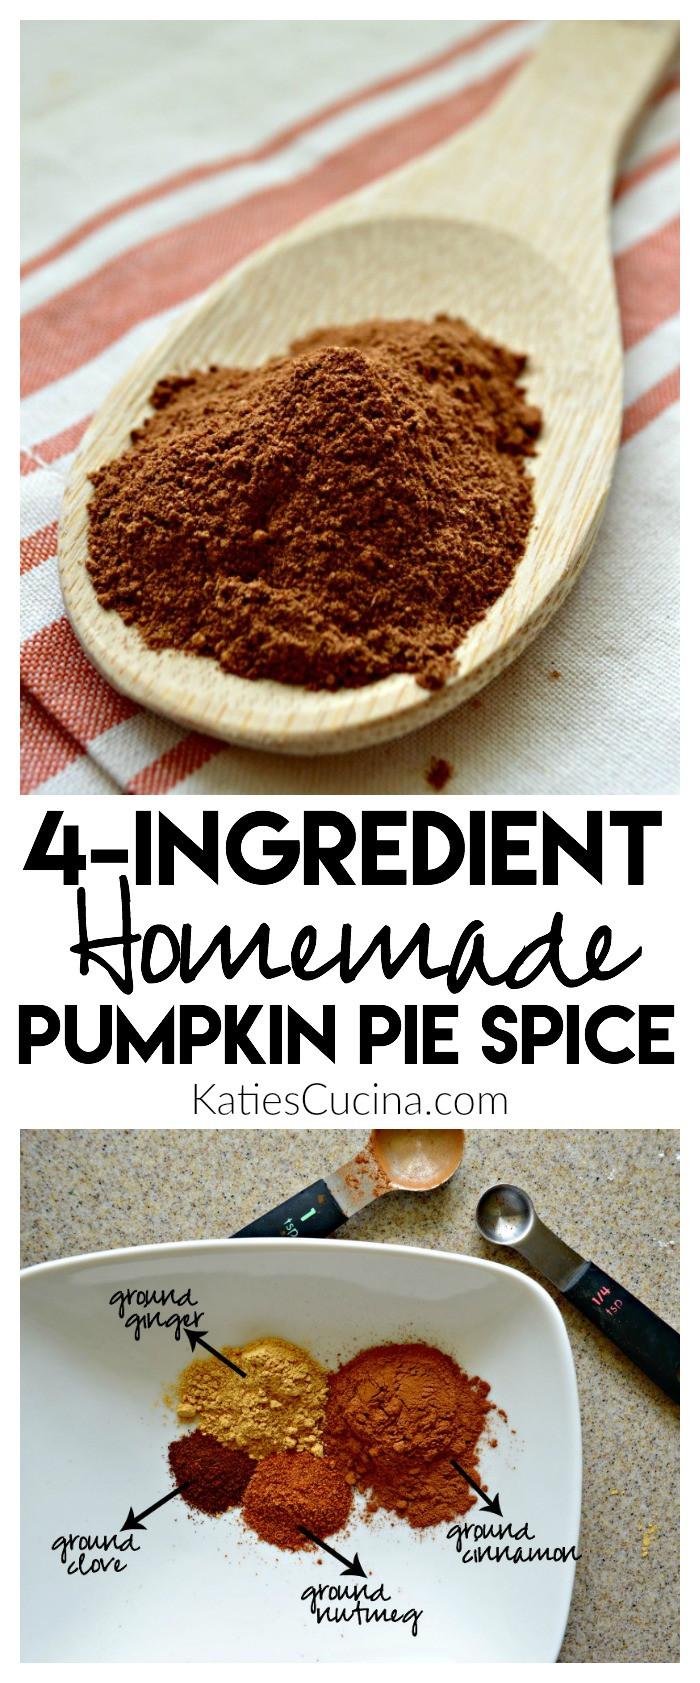 Best ideas about DIY Pumpkin Pie Spice . Save or Pin Homemade Pumpkin Pie Spice Katie s Cucina Now.